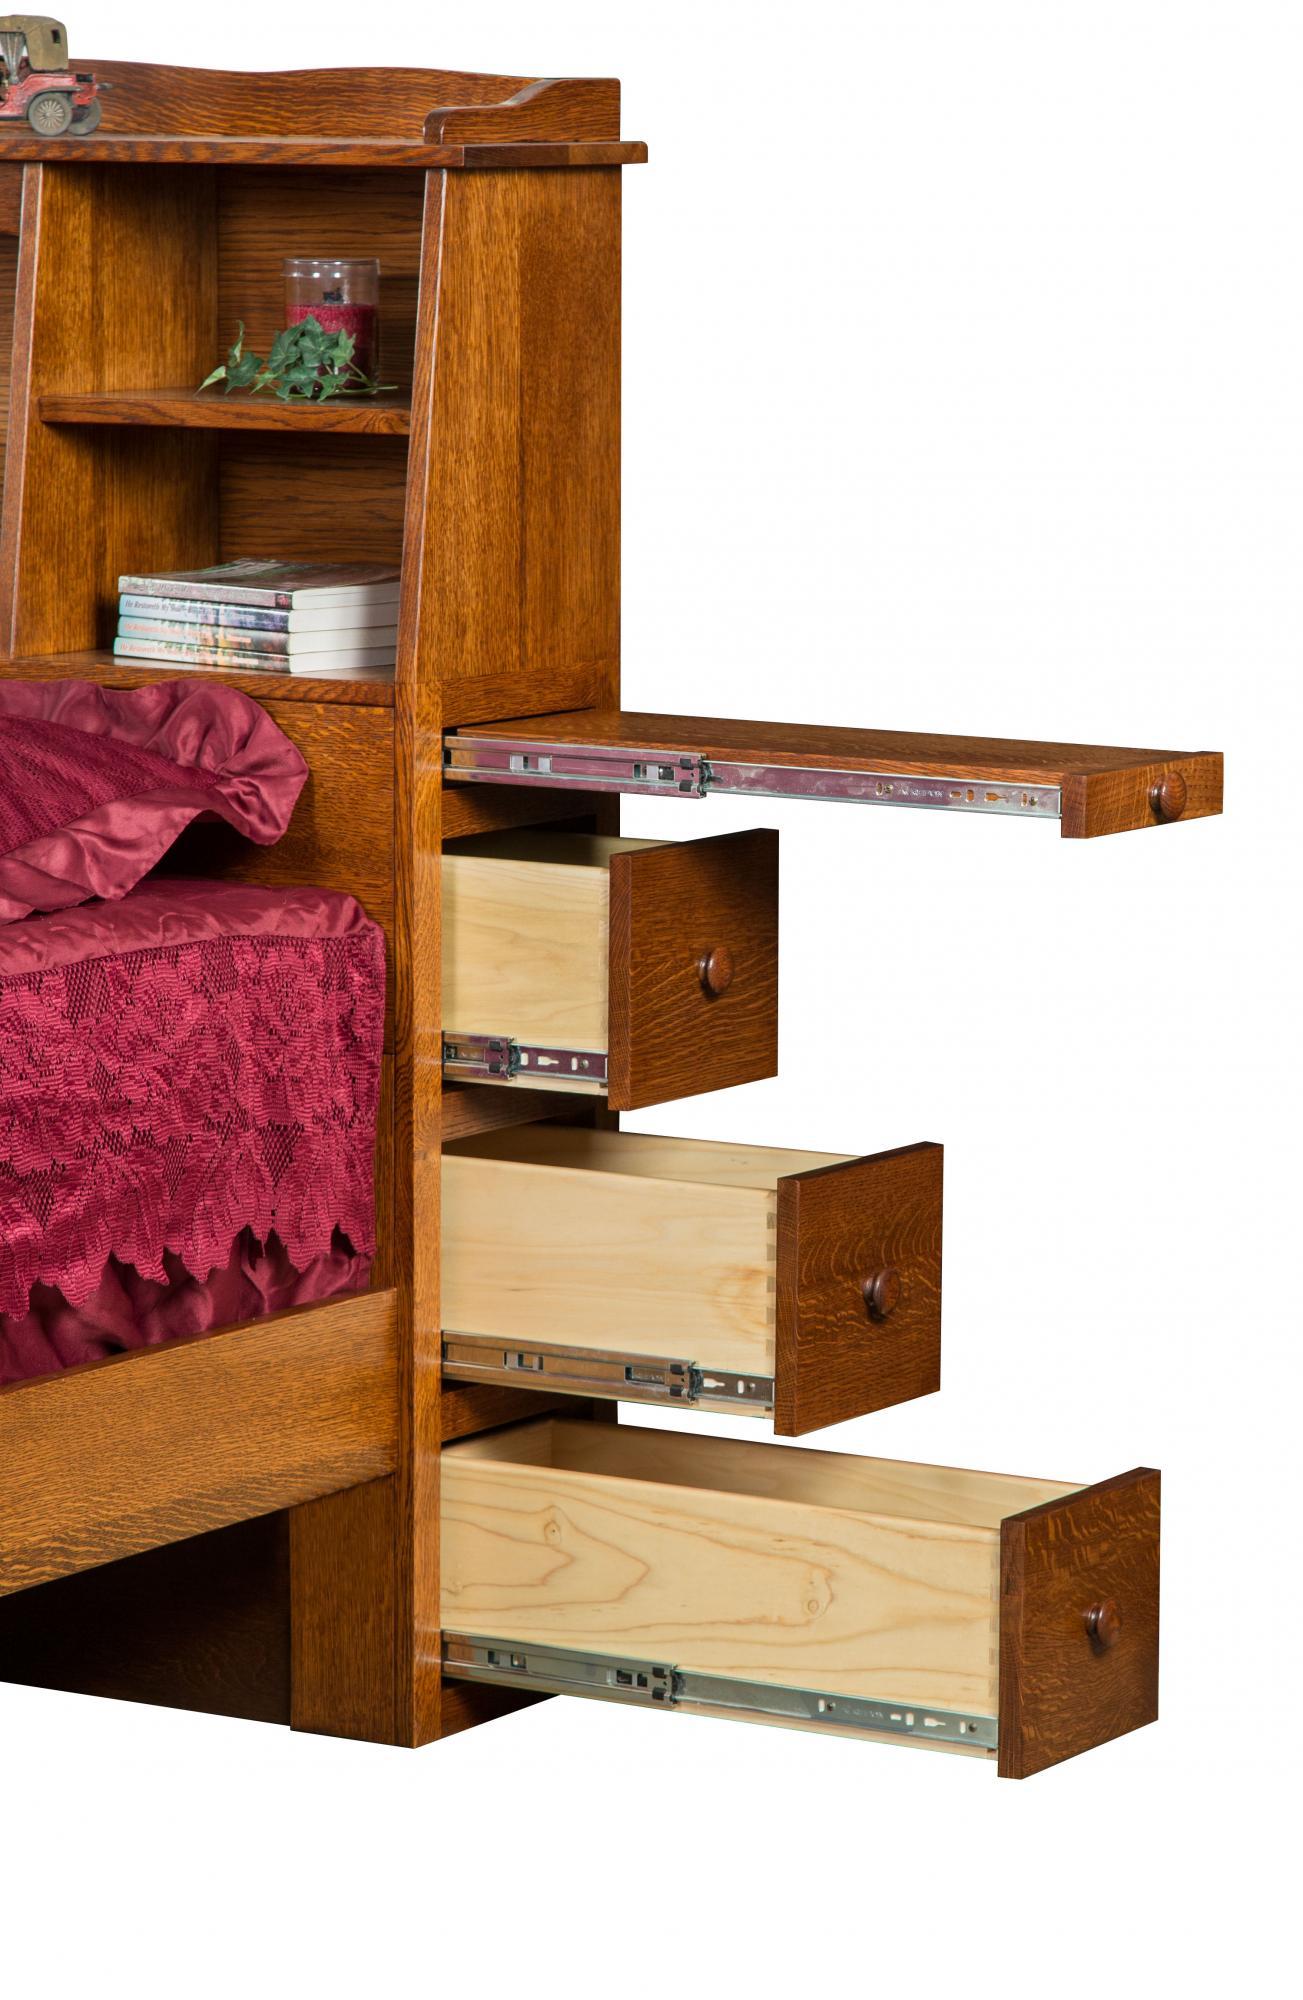 Bookcase Headboard Bed B Amish Furniture Store Mankato Mn